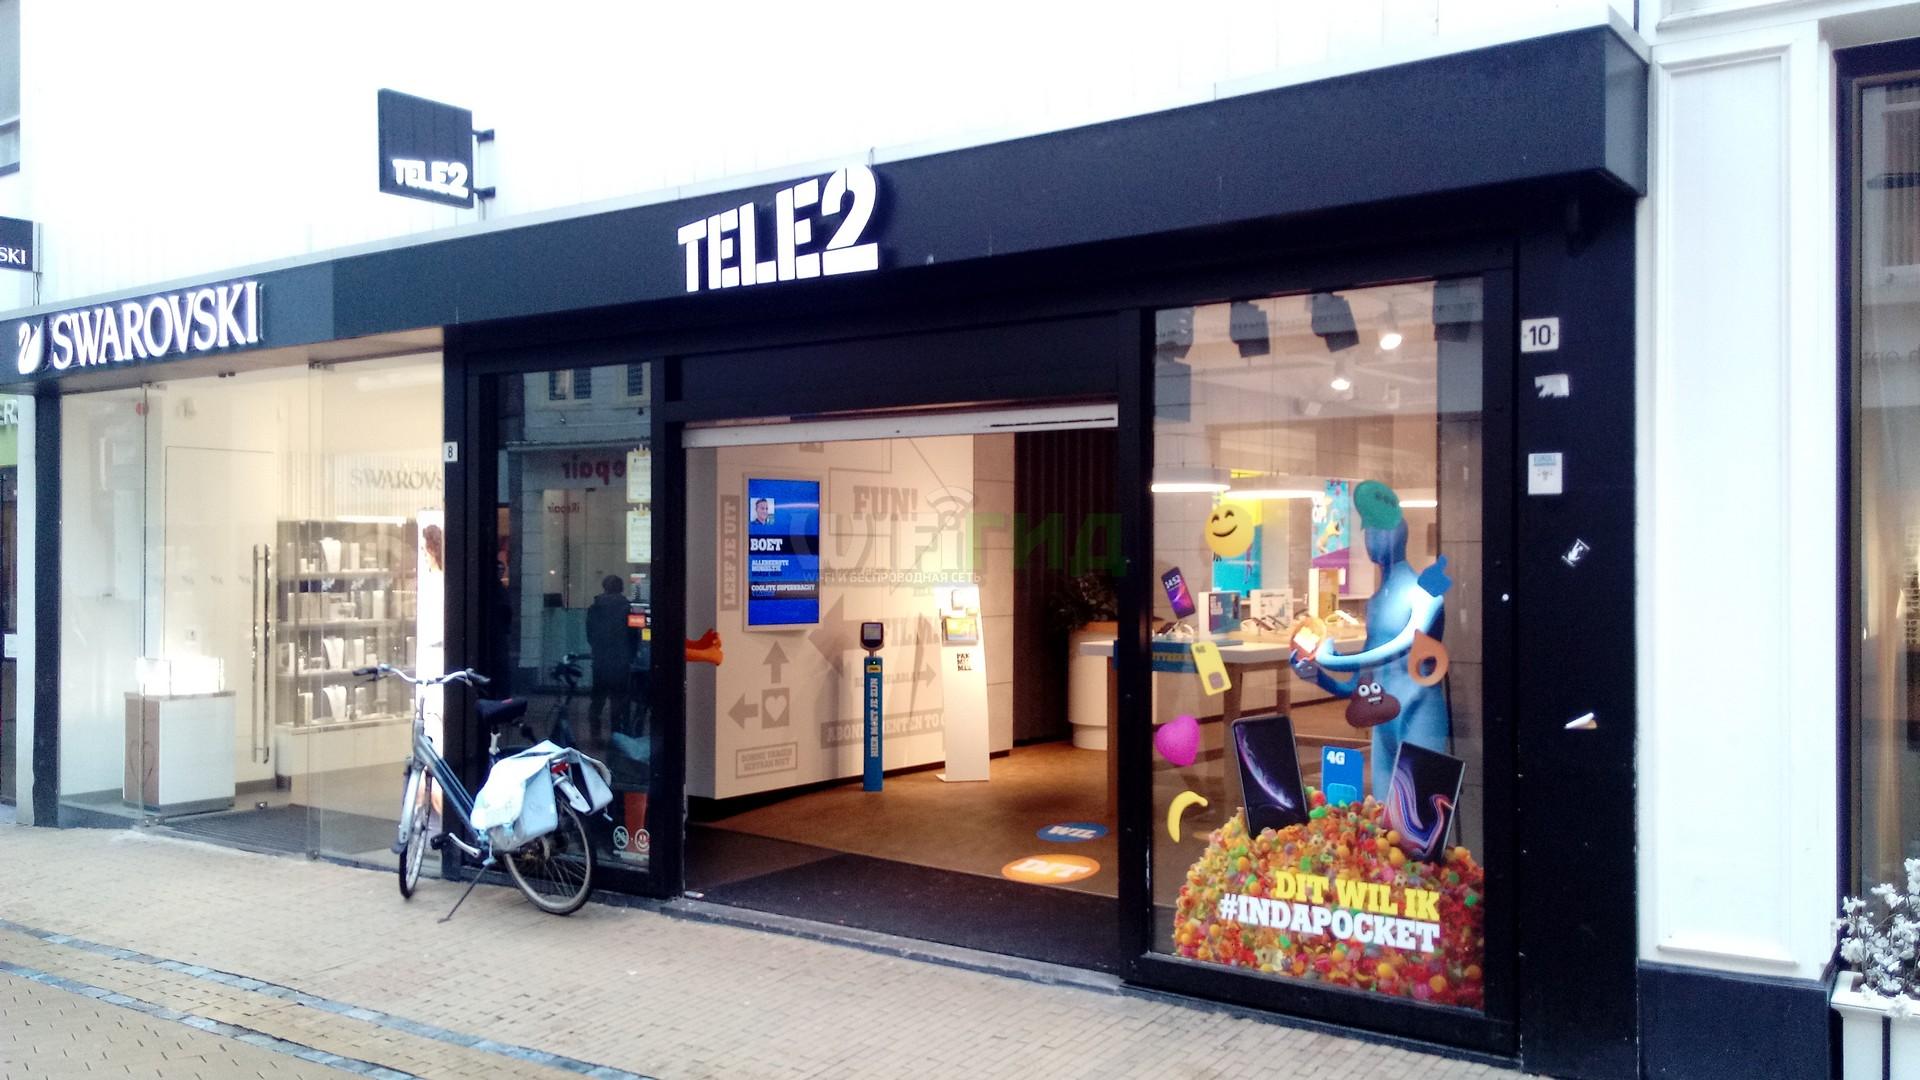 Tele2 позволяет получить SIM-карту без обращения к продавцам